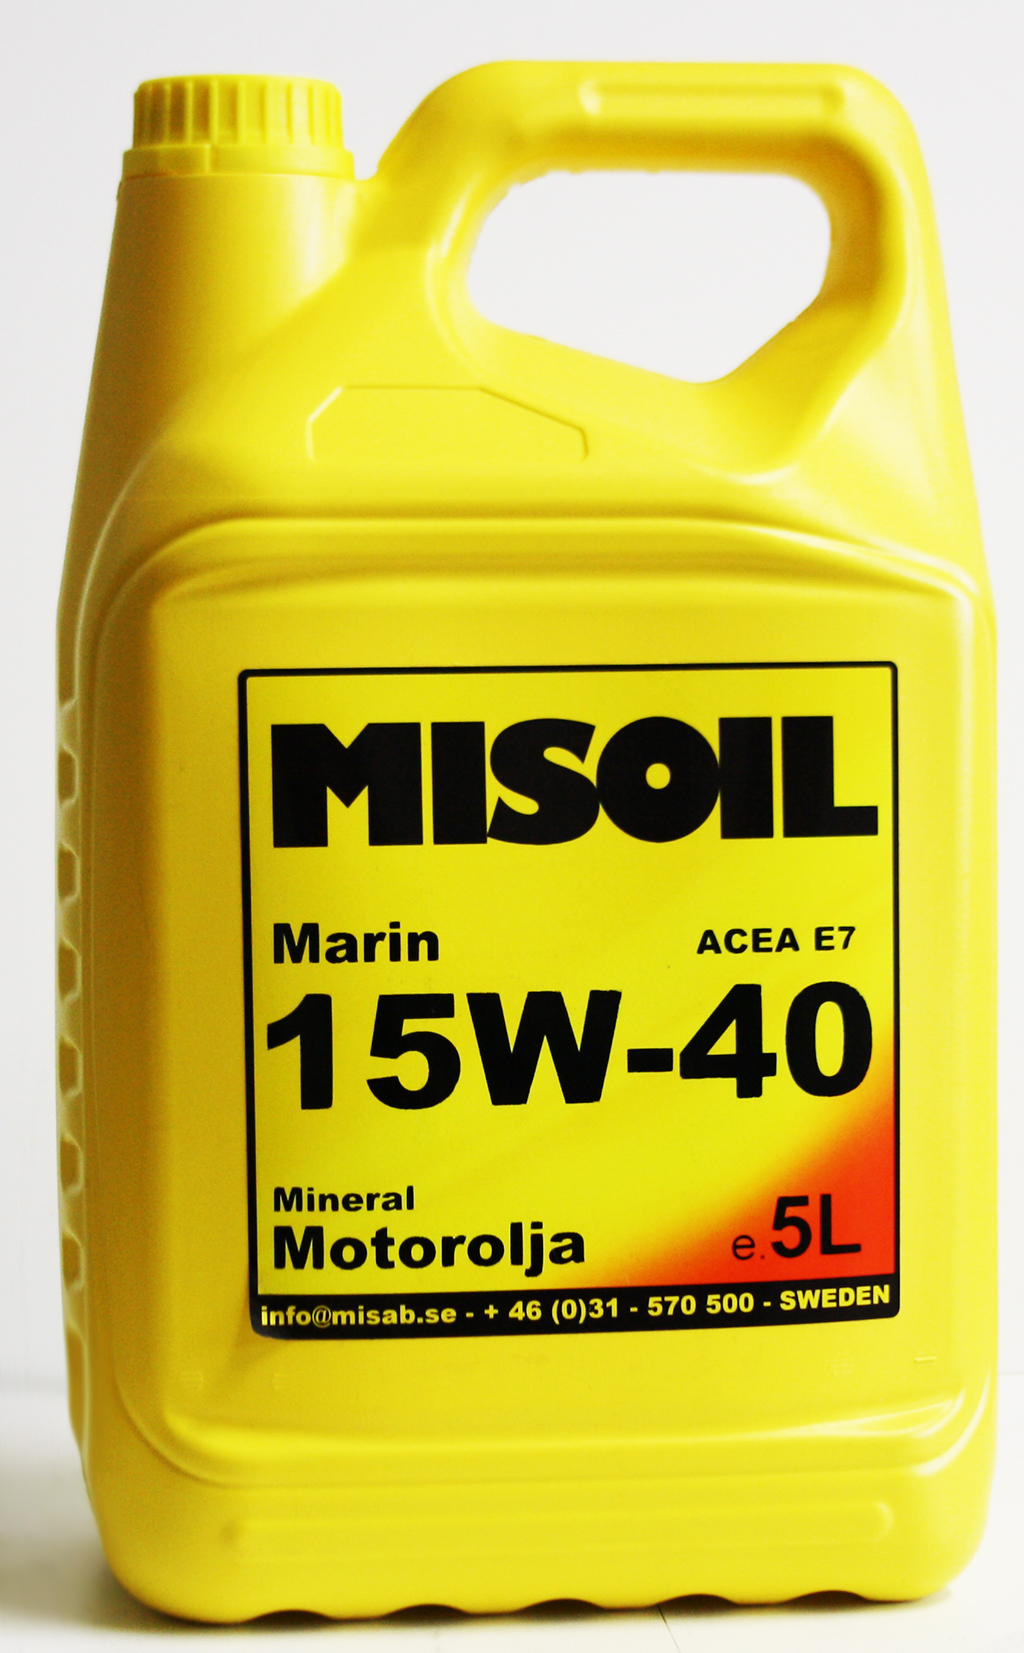 MISOIL MARIN 15W-40 5L